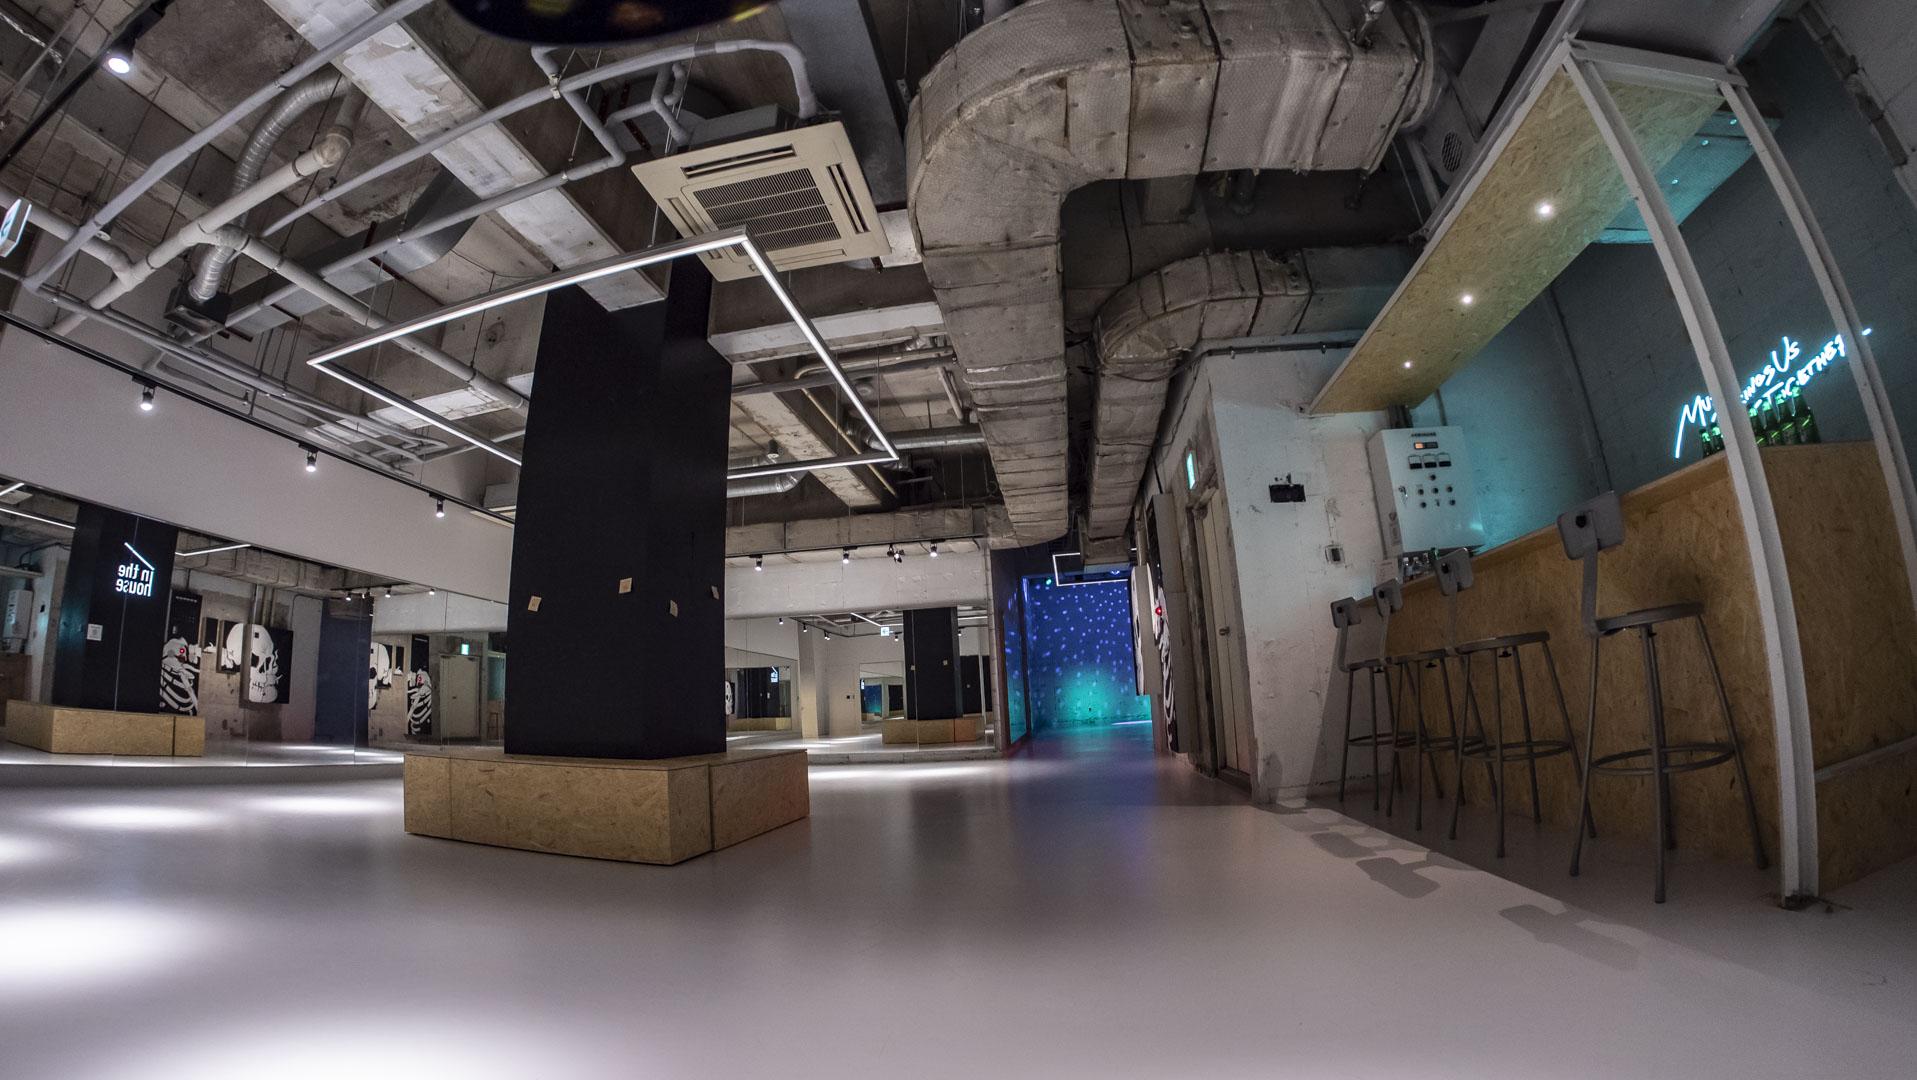 こちらのスペースはシェアスペースです。ご利用者さま同士、譲り合ってご利用ください - StreetDancePark 【1】深夜PARK 20時~の室内の写真